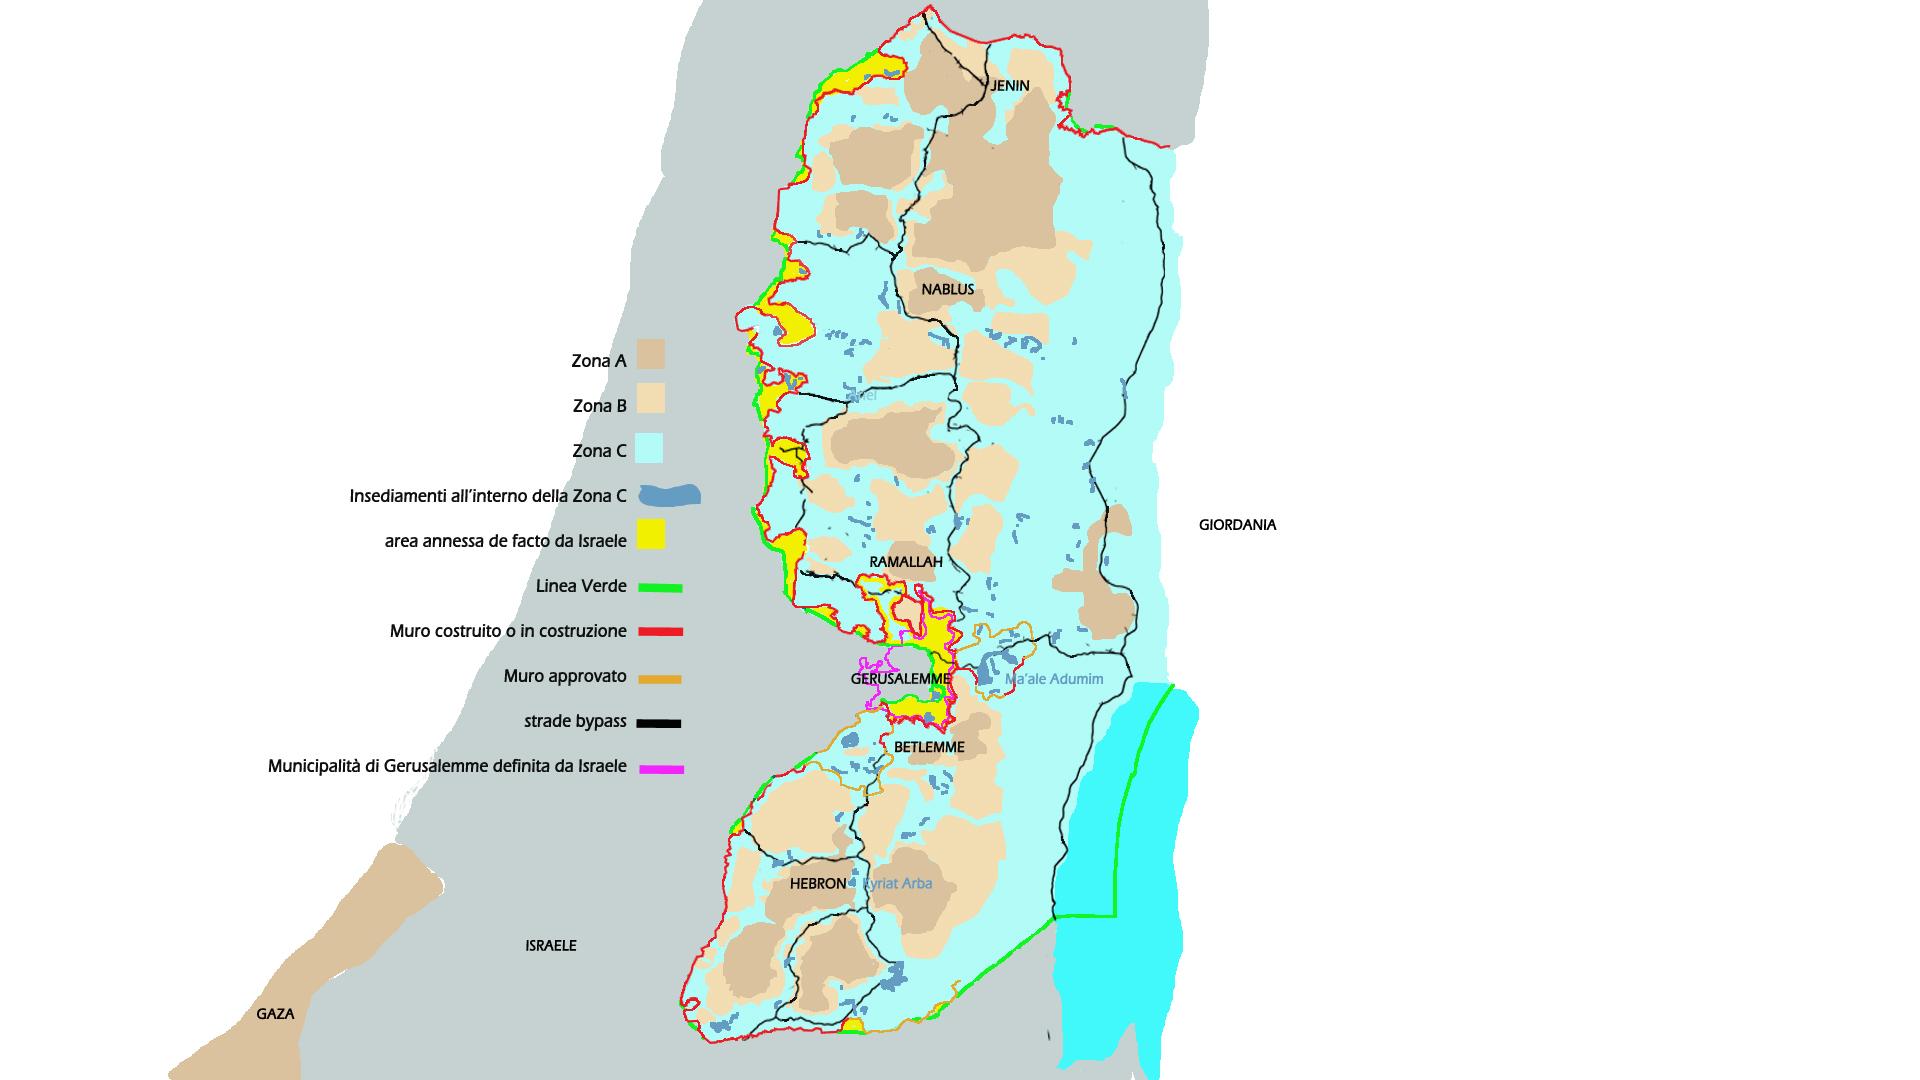 Israele Palestina Cartina.Israele E Palestina Informazioni Pratiche Di Viaggio Patrizia Fabbri